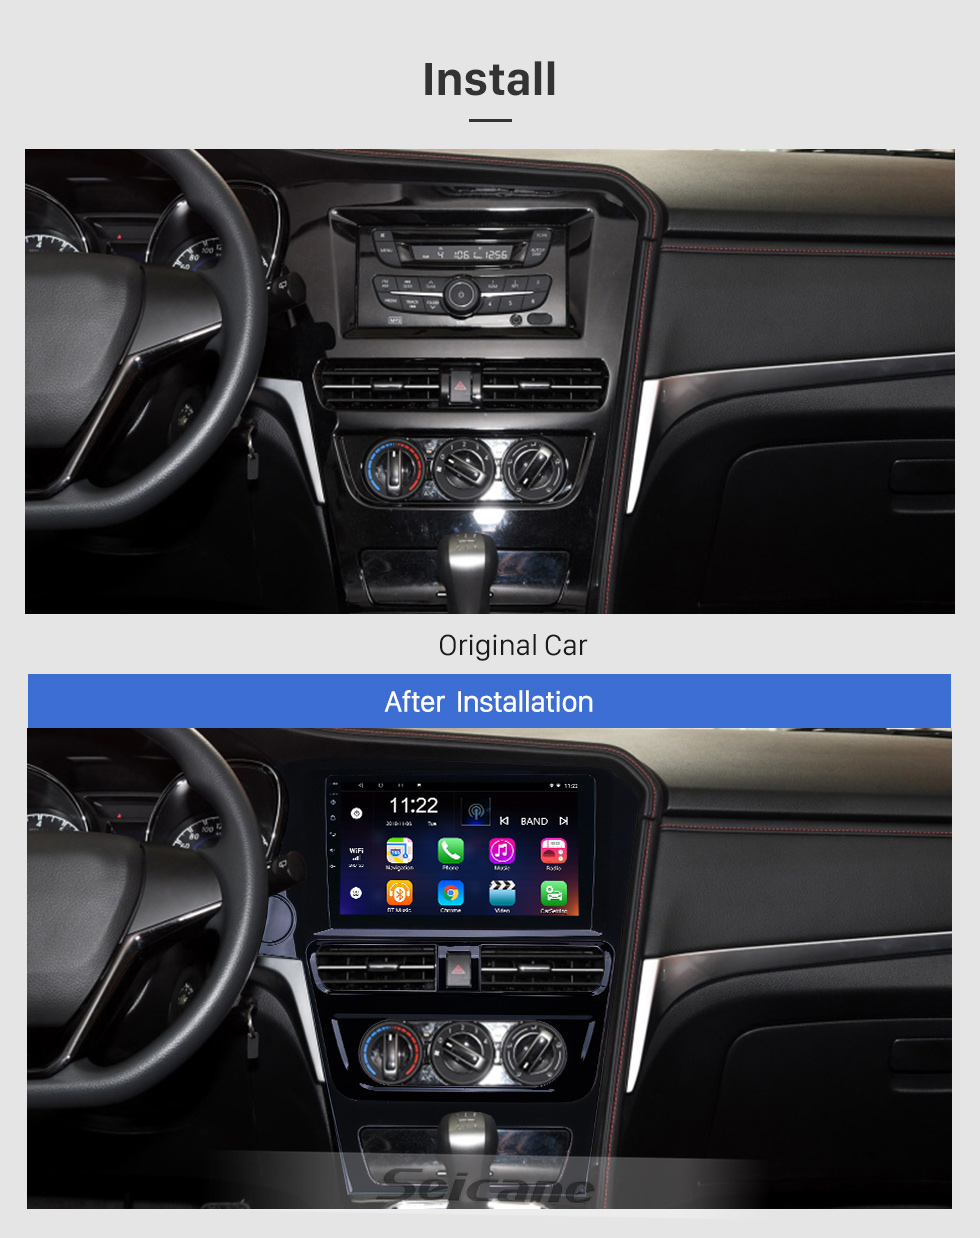 Seicane Android 8.1 Radio de navegación GPS con pantalla táctil HD de 10.1 pulgadas para la versión baja Venucia T70 2018-2019 con soporte Bluetooth Carplay DVR